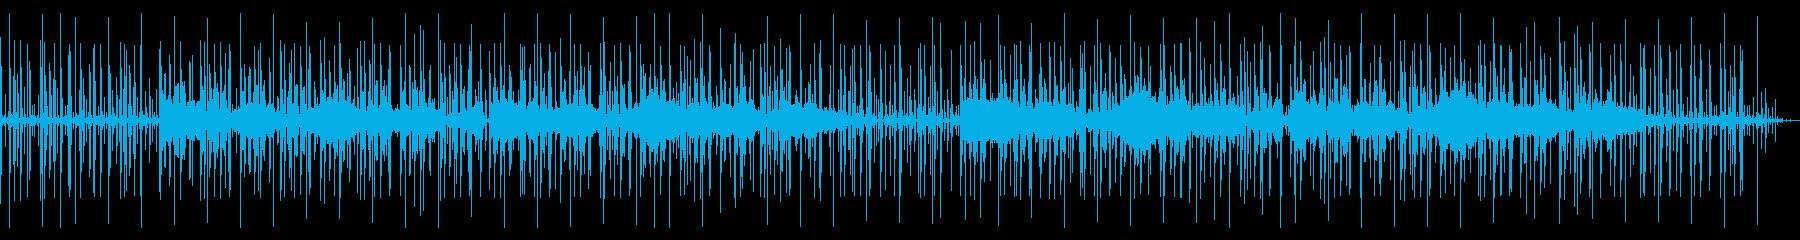 心の落ち着くシンセのチル・ヒップホップの再生済みの波形